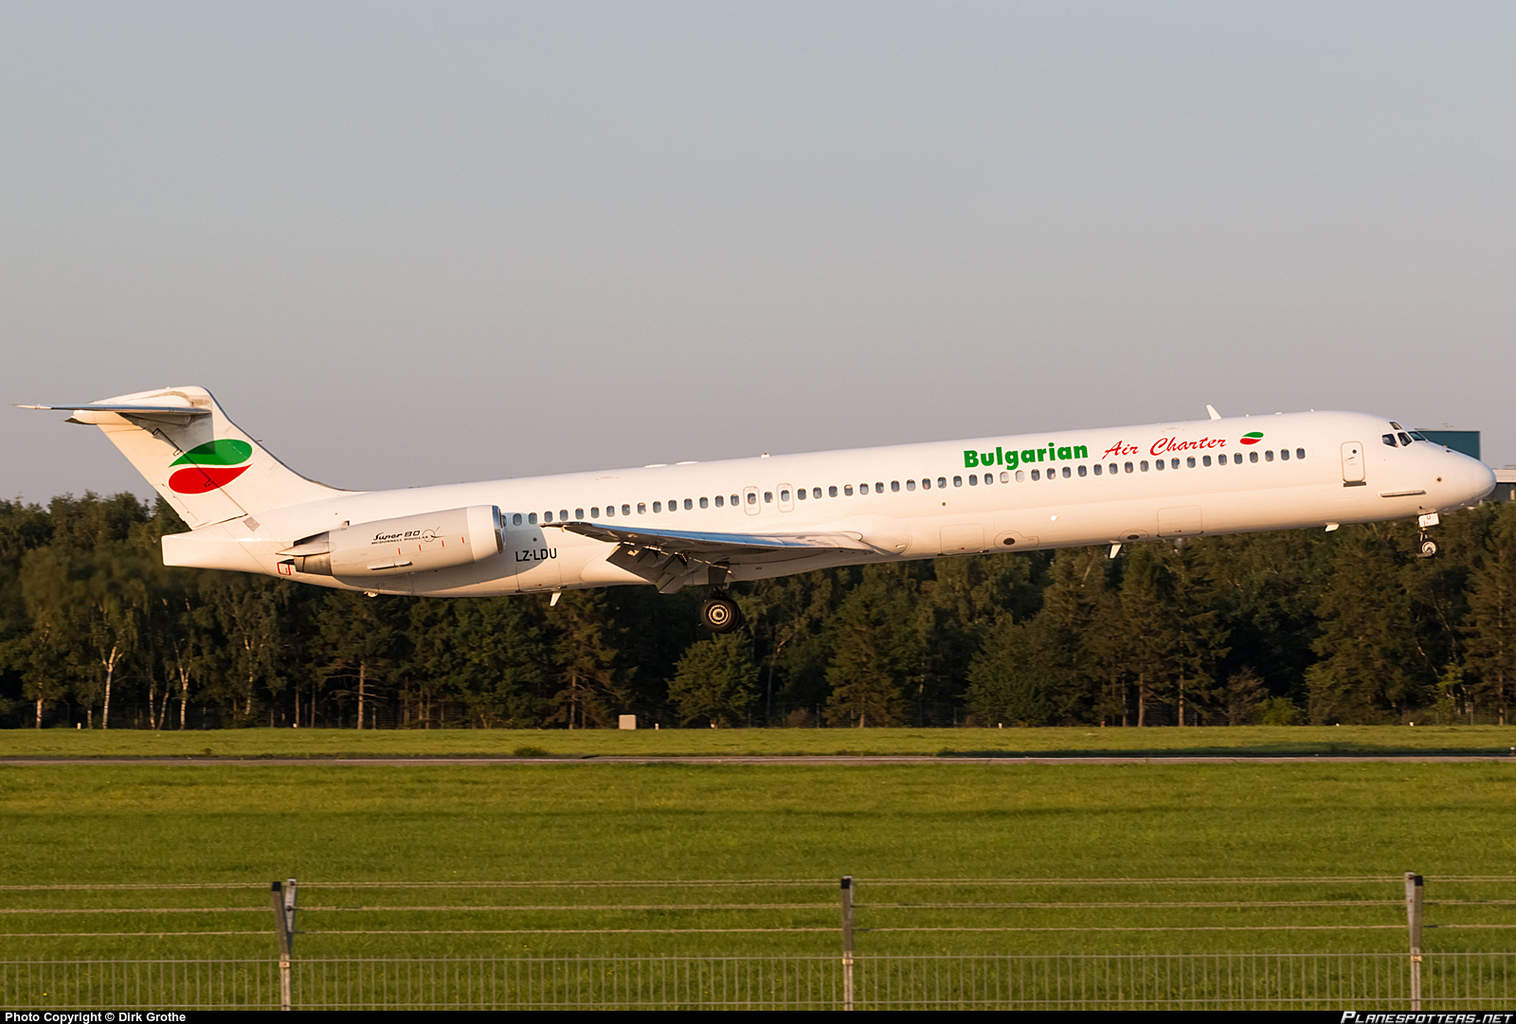 lz-ldu-bulgarian-air-charter-mcdonnell-douglas-md-82_PlanespottersNet_642065